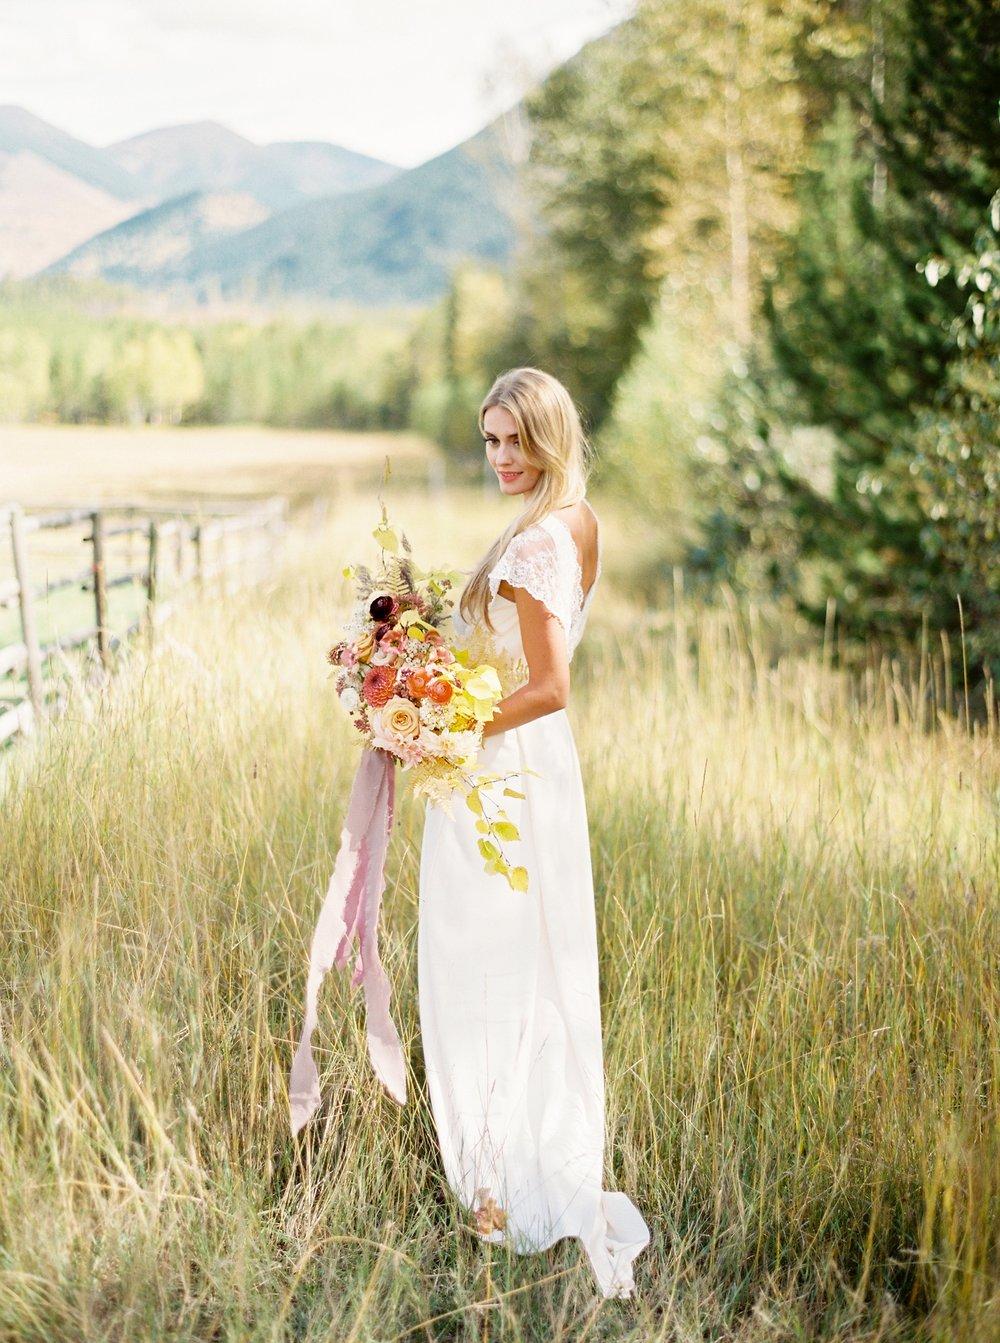 RebeccaHollis-bouquets_063.jpg